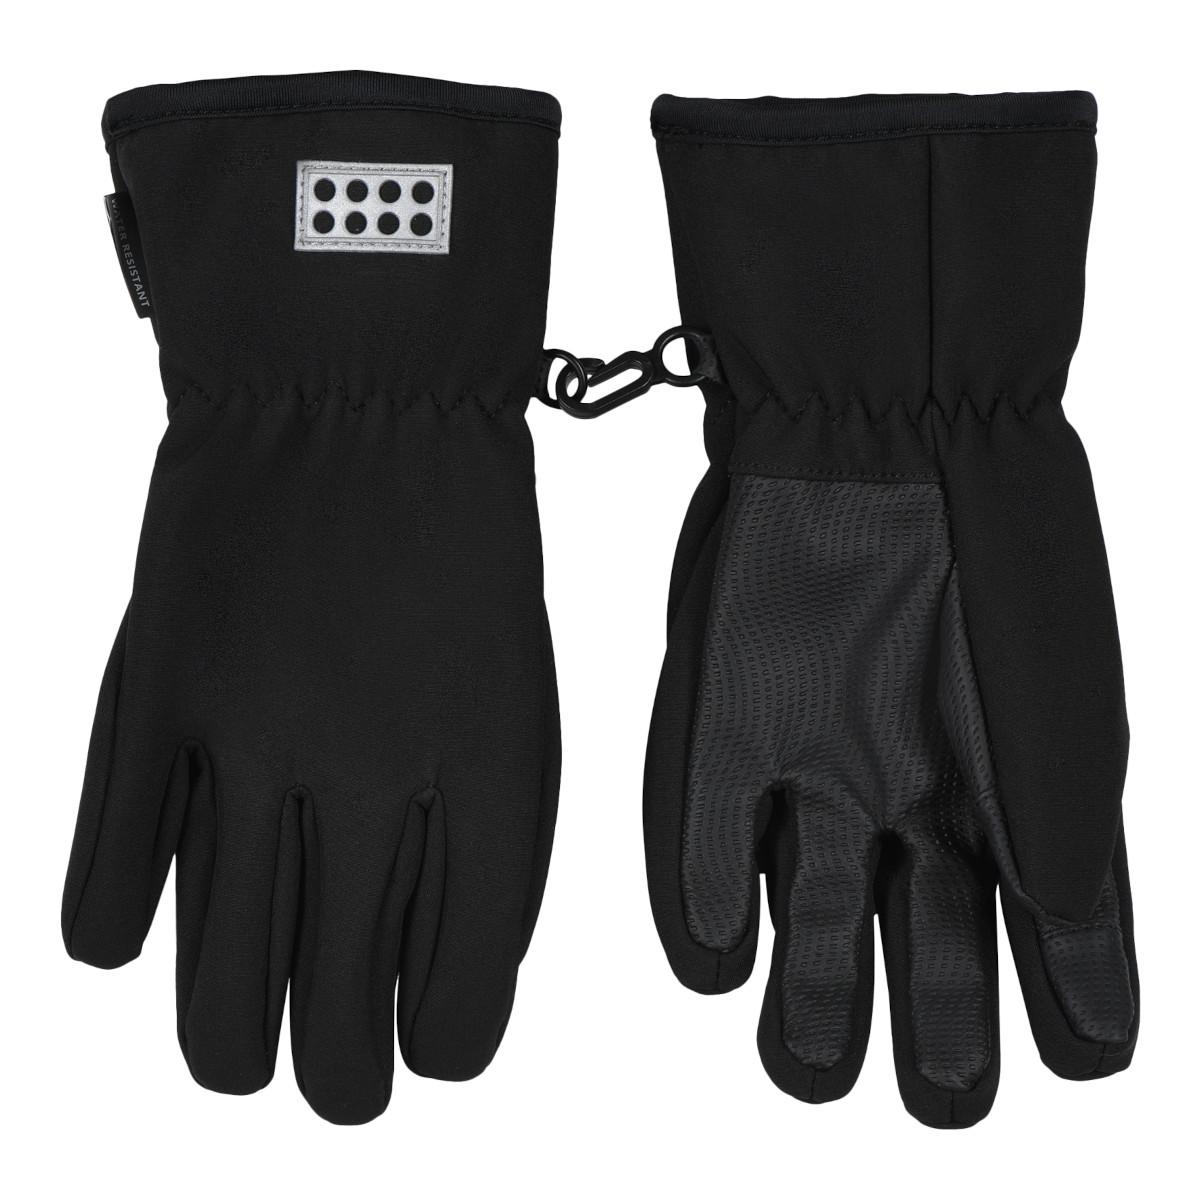 LEGO Wear LWAtlin 705 Kids Softshell Gloves - Black